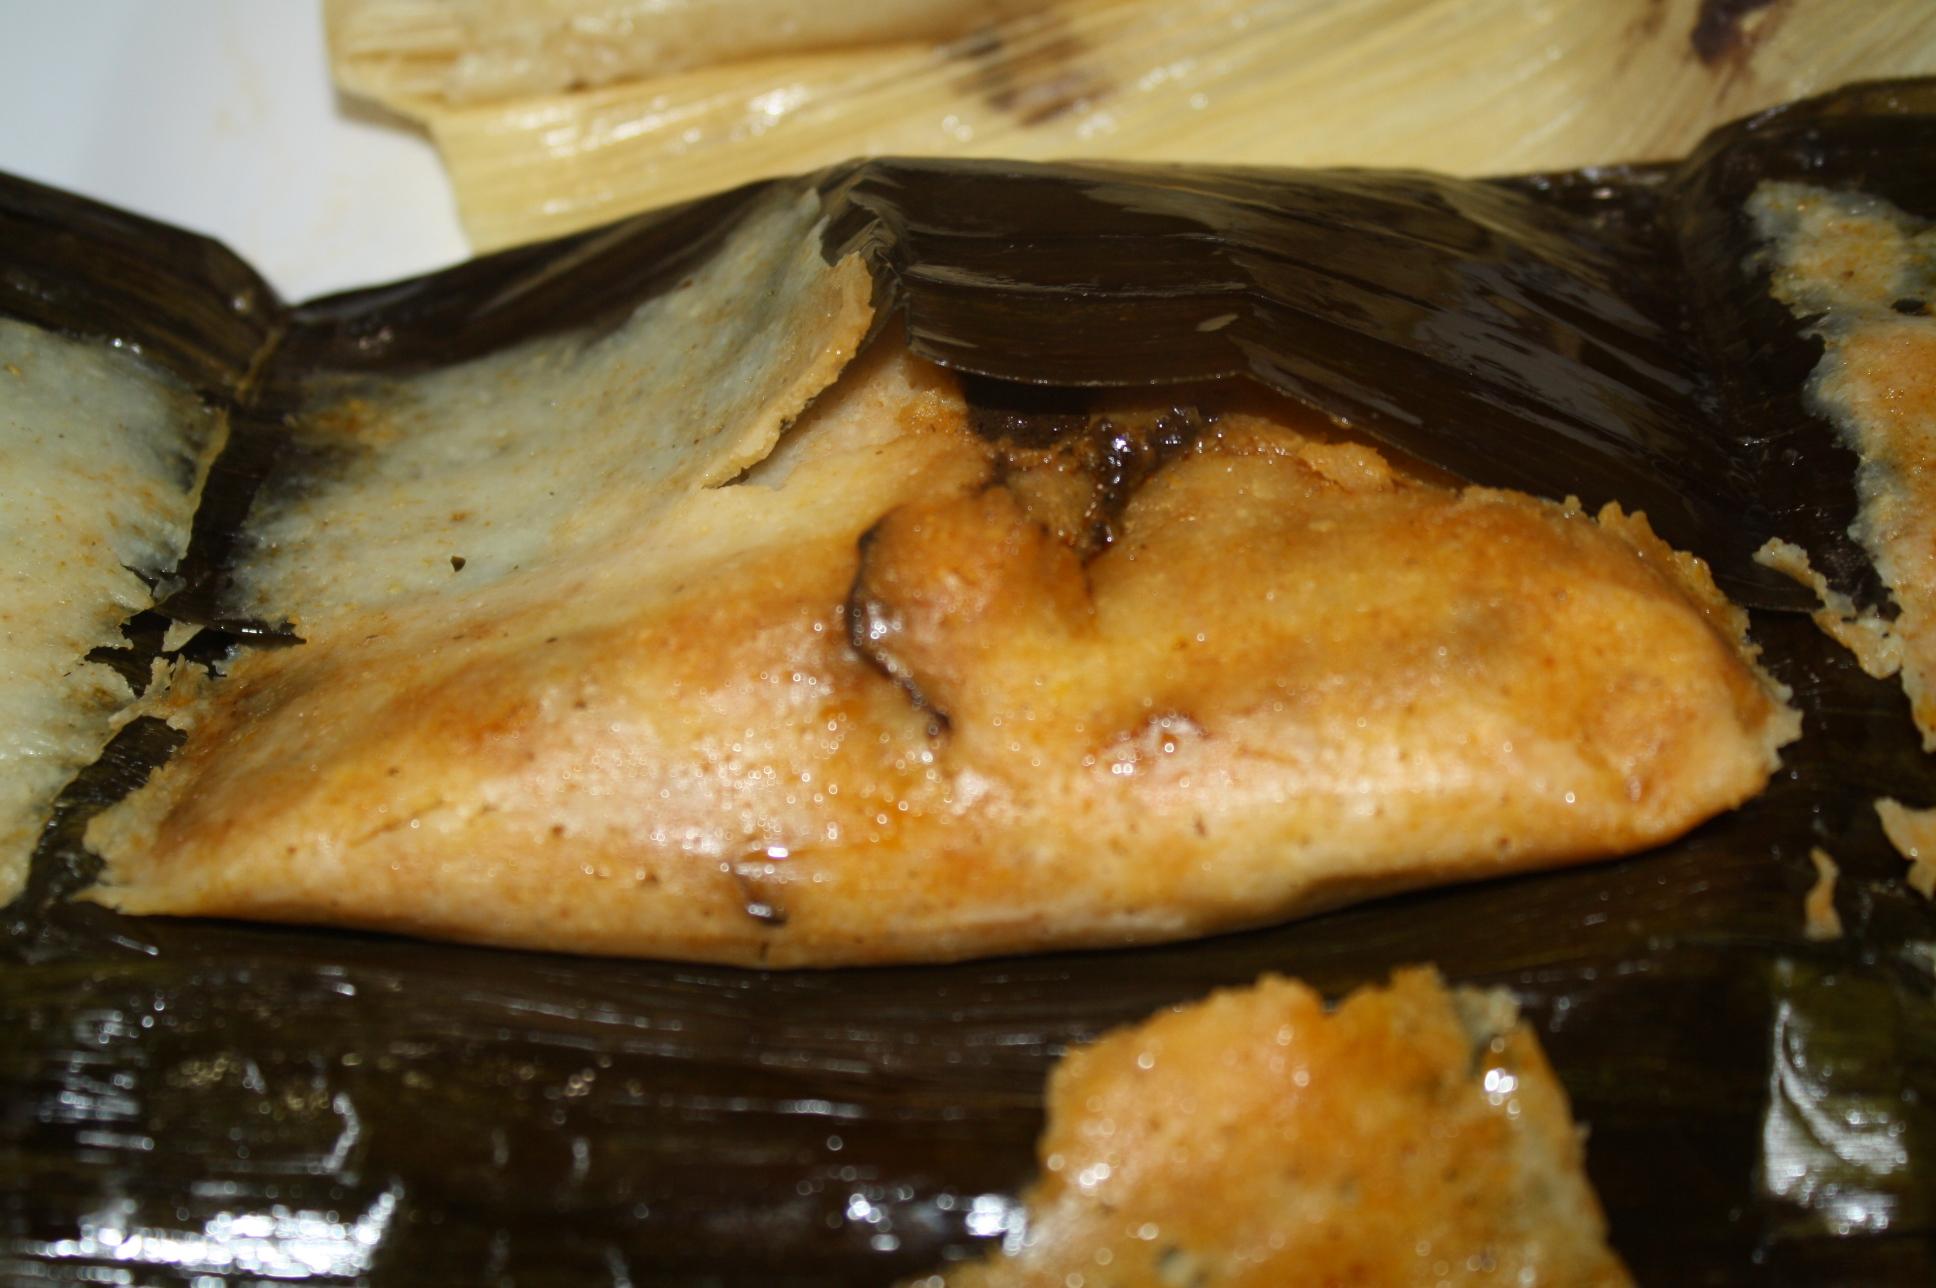 Tamal de mole en el restaurante Oaxacalifornia. (Foto de Agustín Durán/El Pasajero)